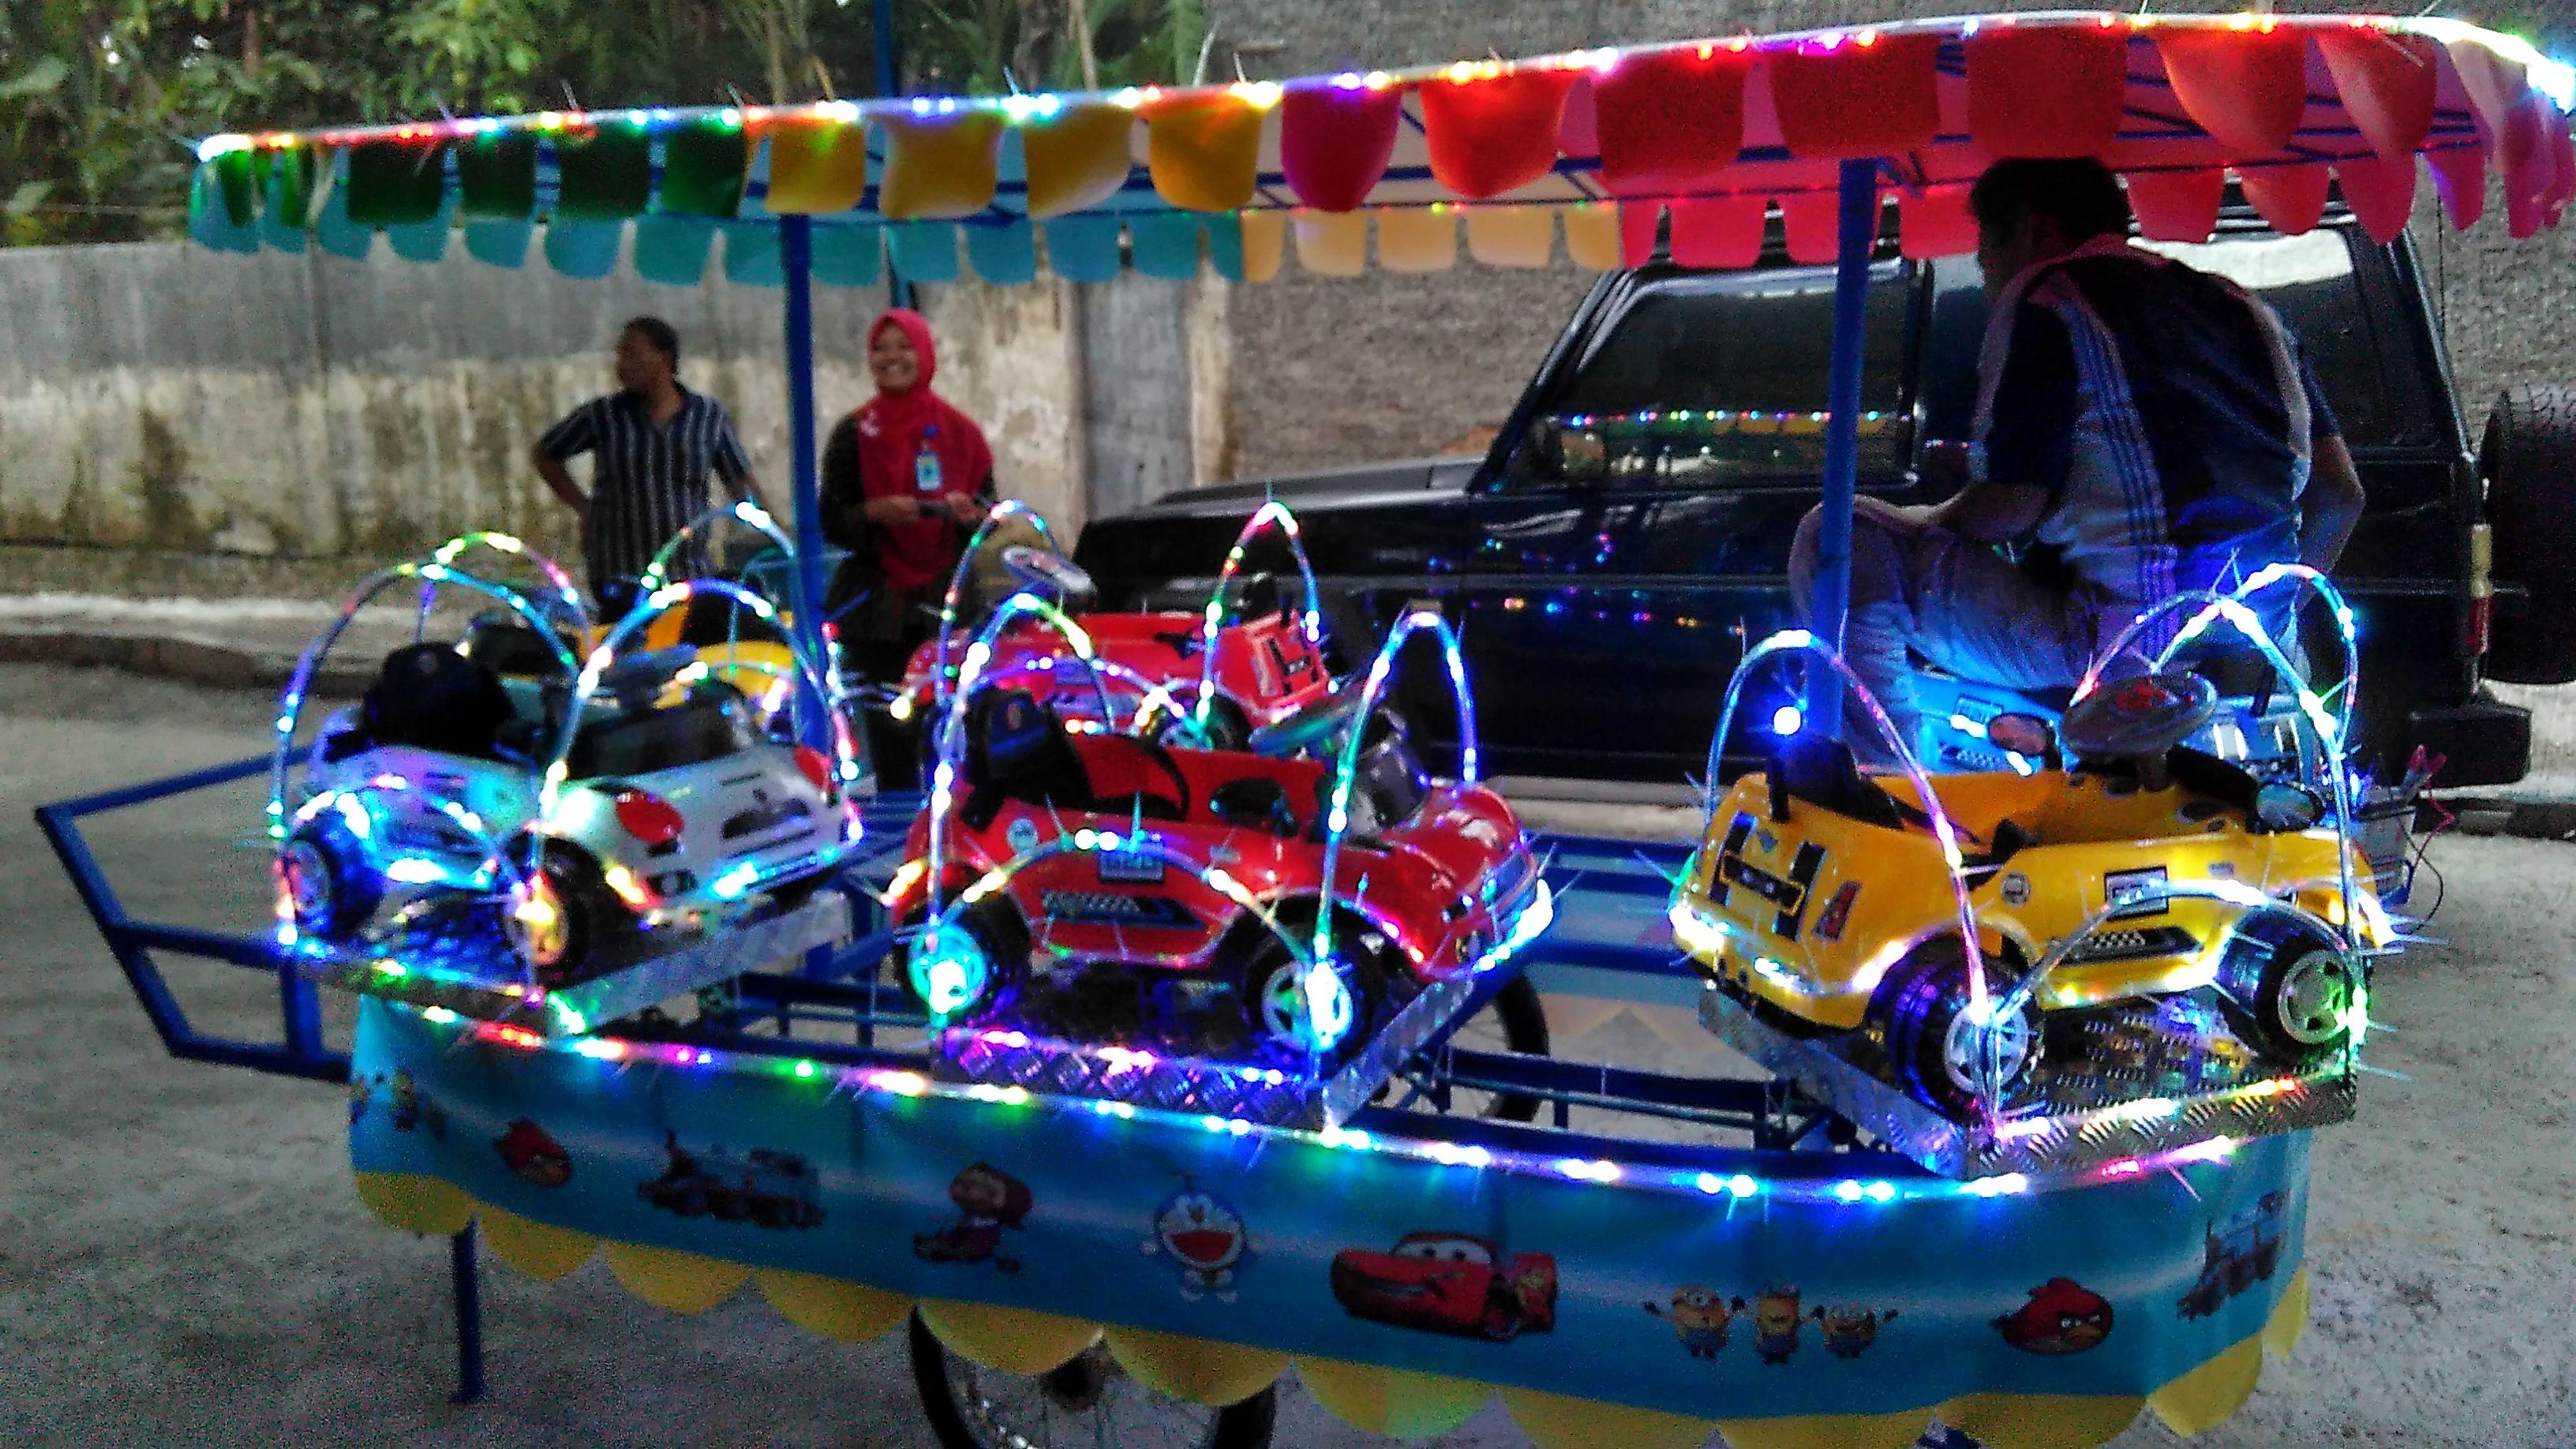 Pabrik Produksi Odong Odong Seluruh Indonesia Mobil Kartun Hewan